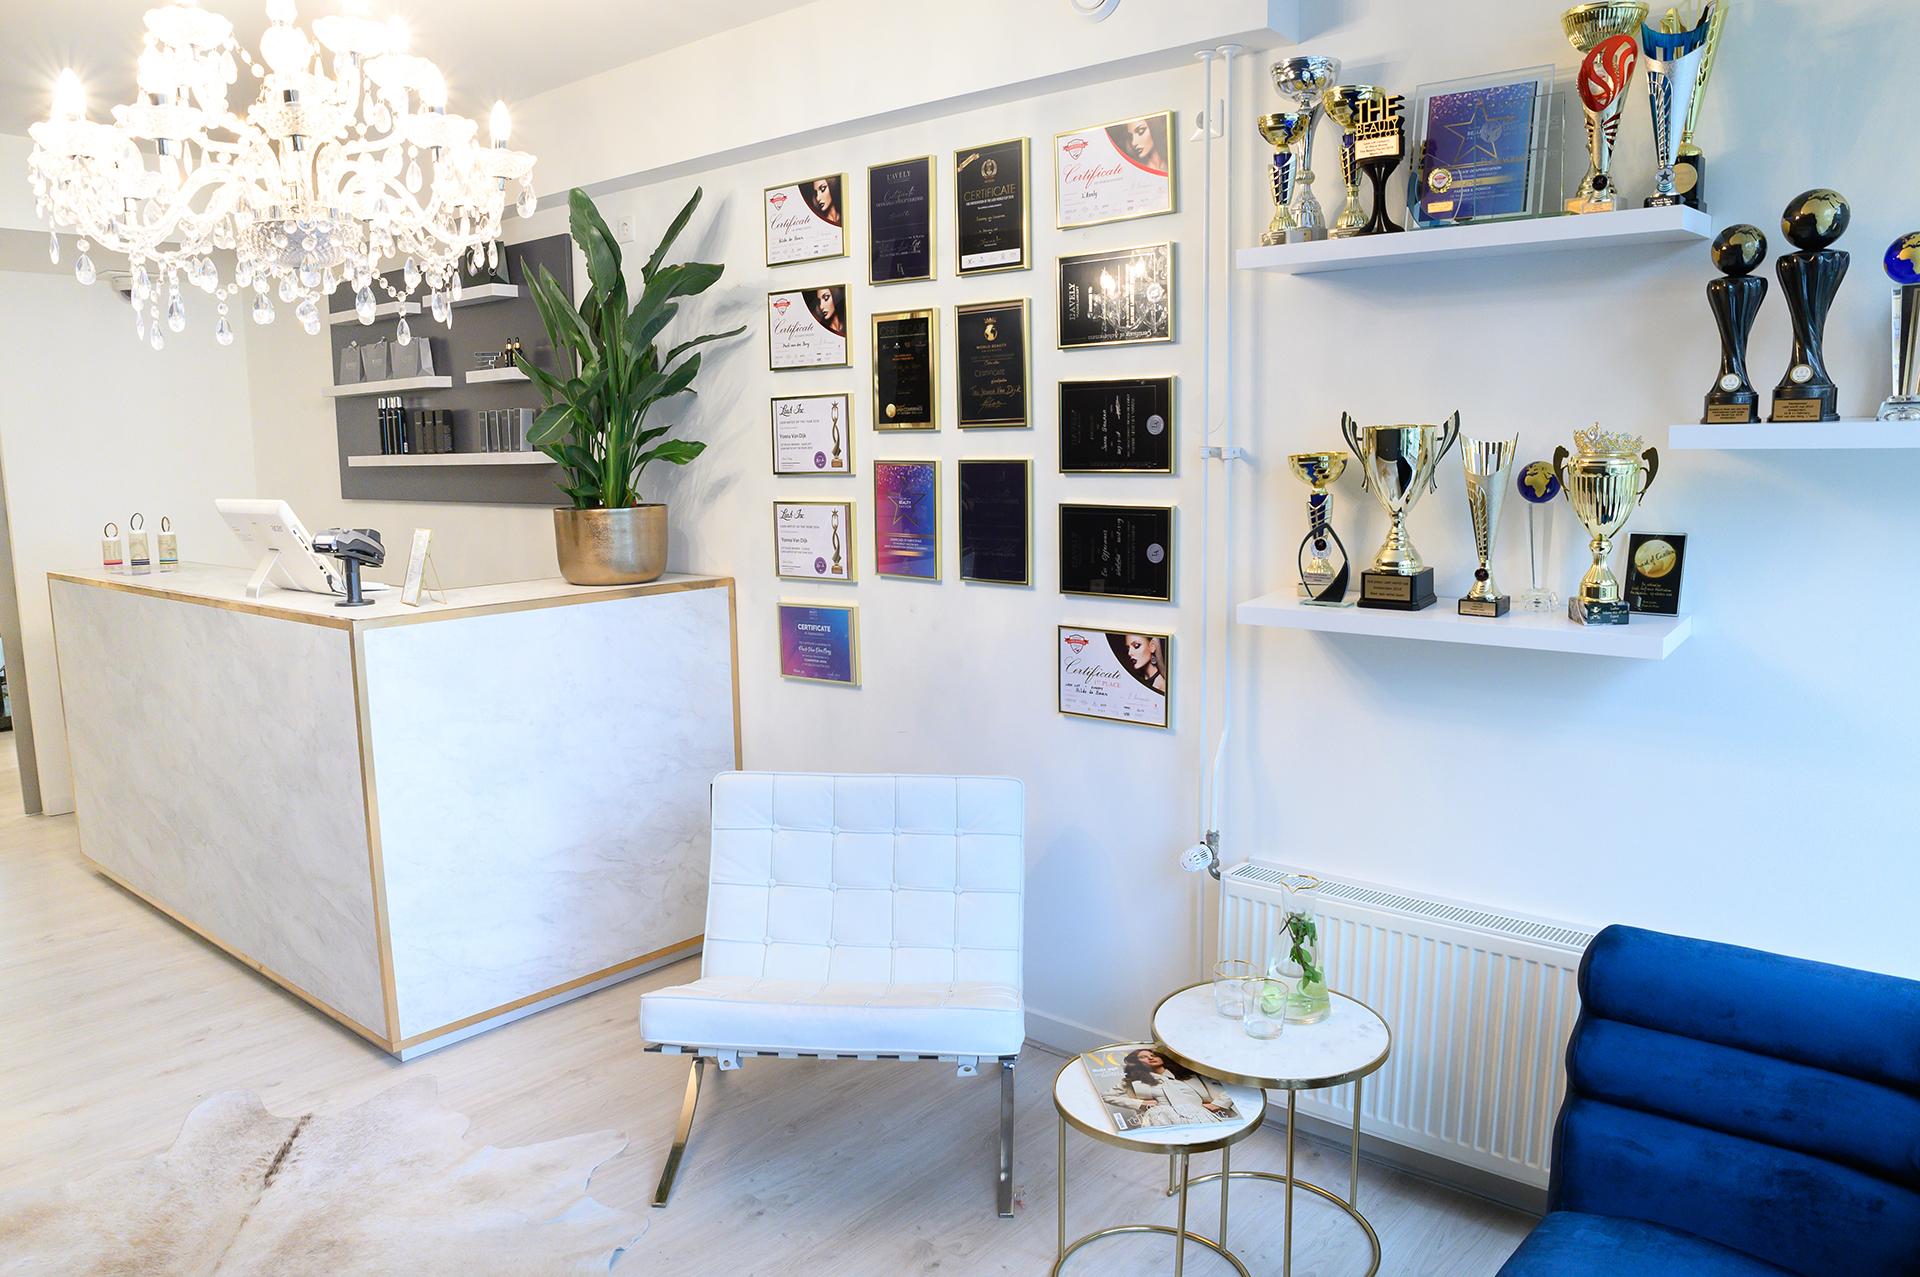 Chantal-Nijhof-Studio-Fotografie-Branding-Business-Shoot-Bedrijfsfotografie-Heerde-Epe-Oene-Wapenveld-Veessen-Zwolle-Apeldoorn